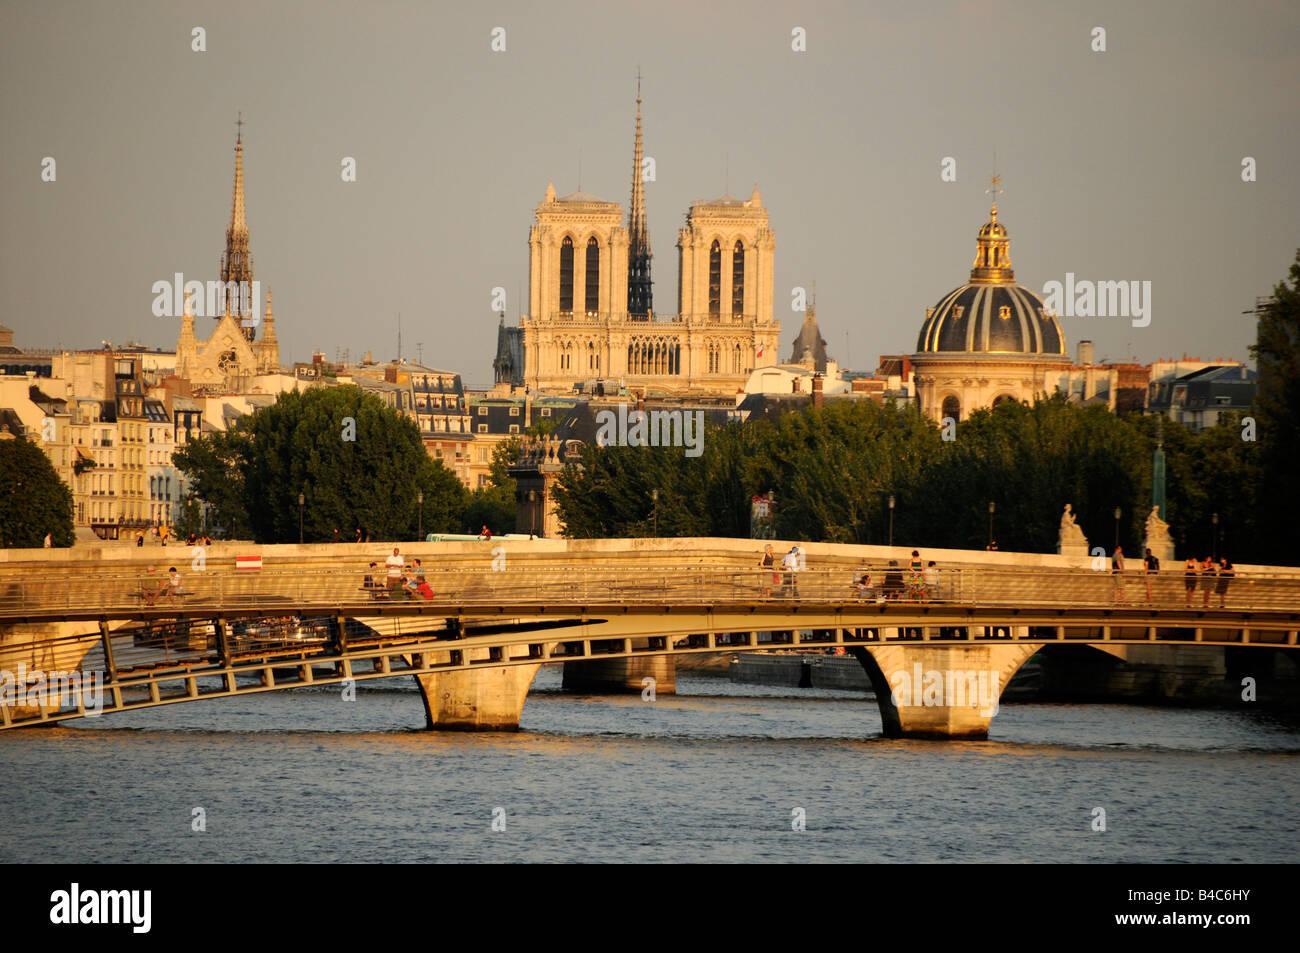 Seine bridge and the church Notre Dame de Paris in Paris France - Stock Image